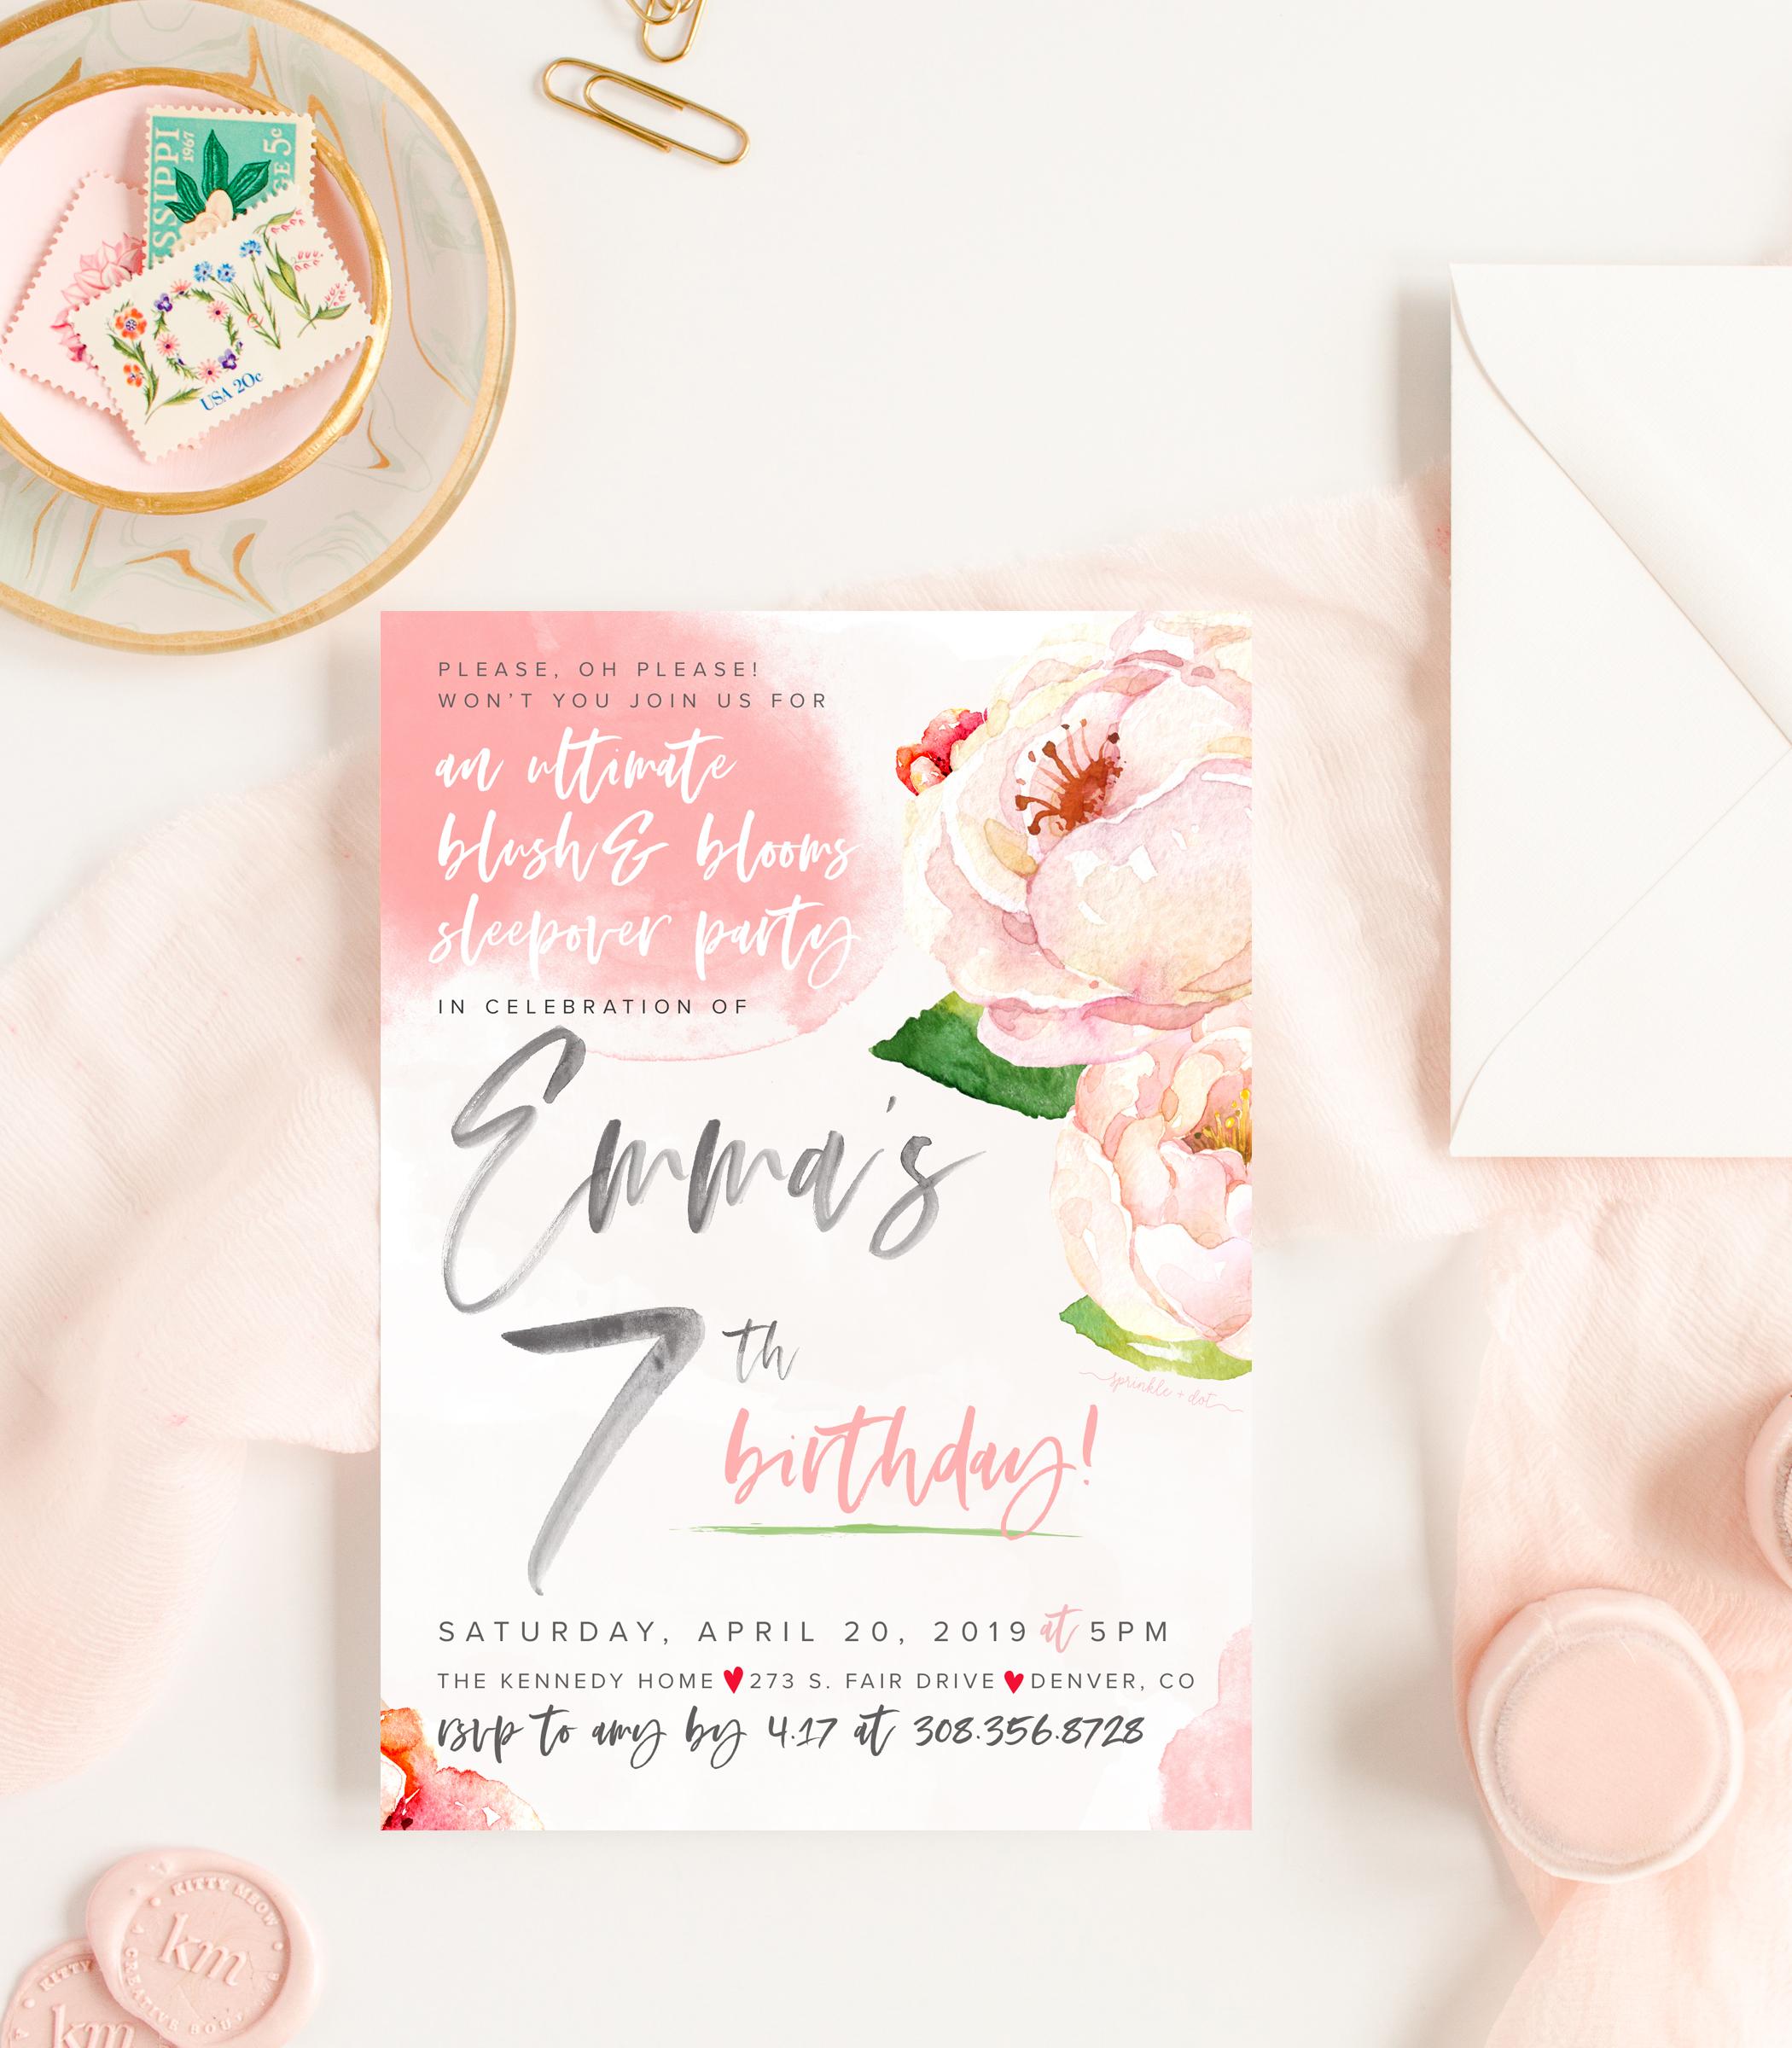 custom printed invitations  |  $50